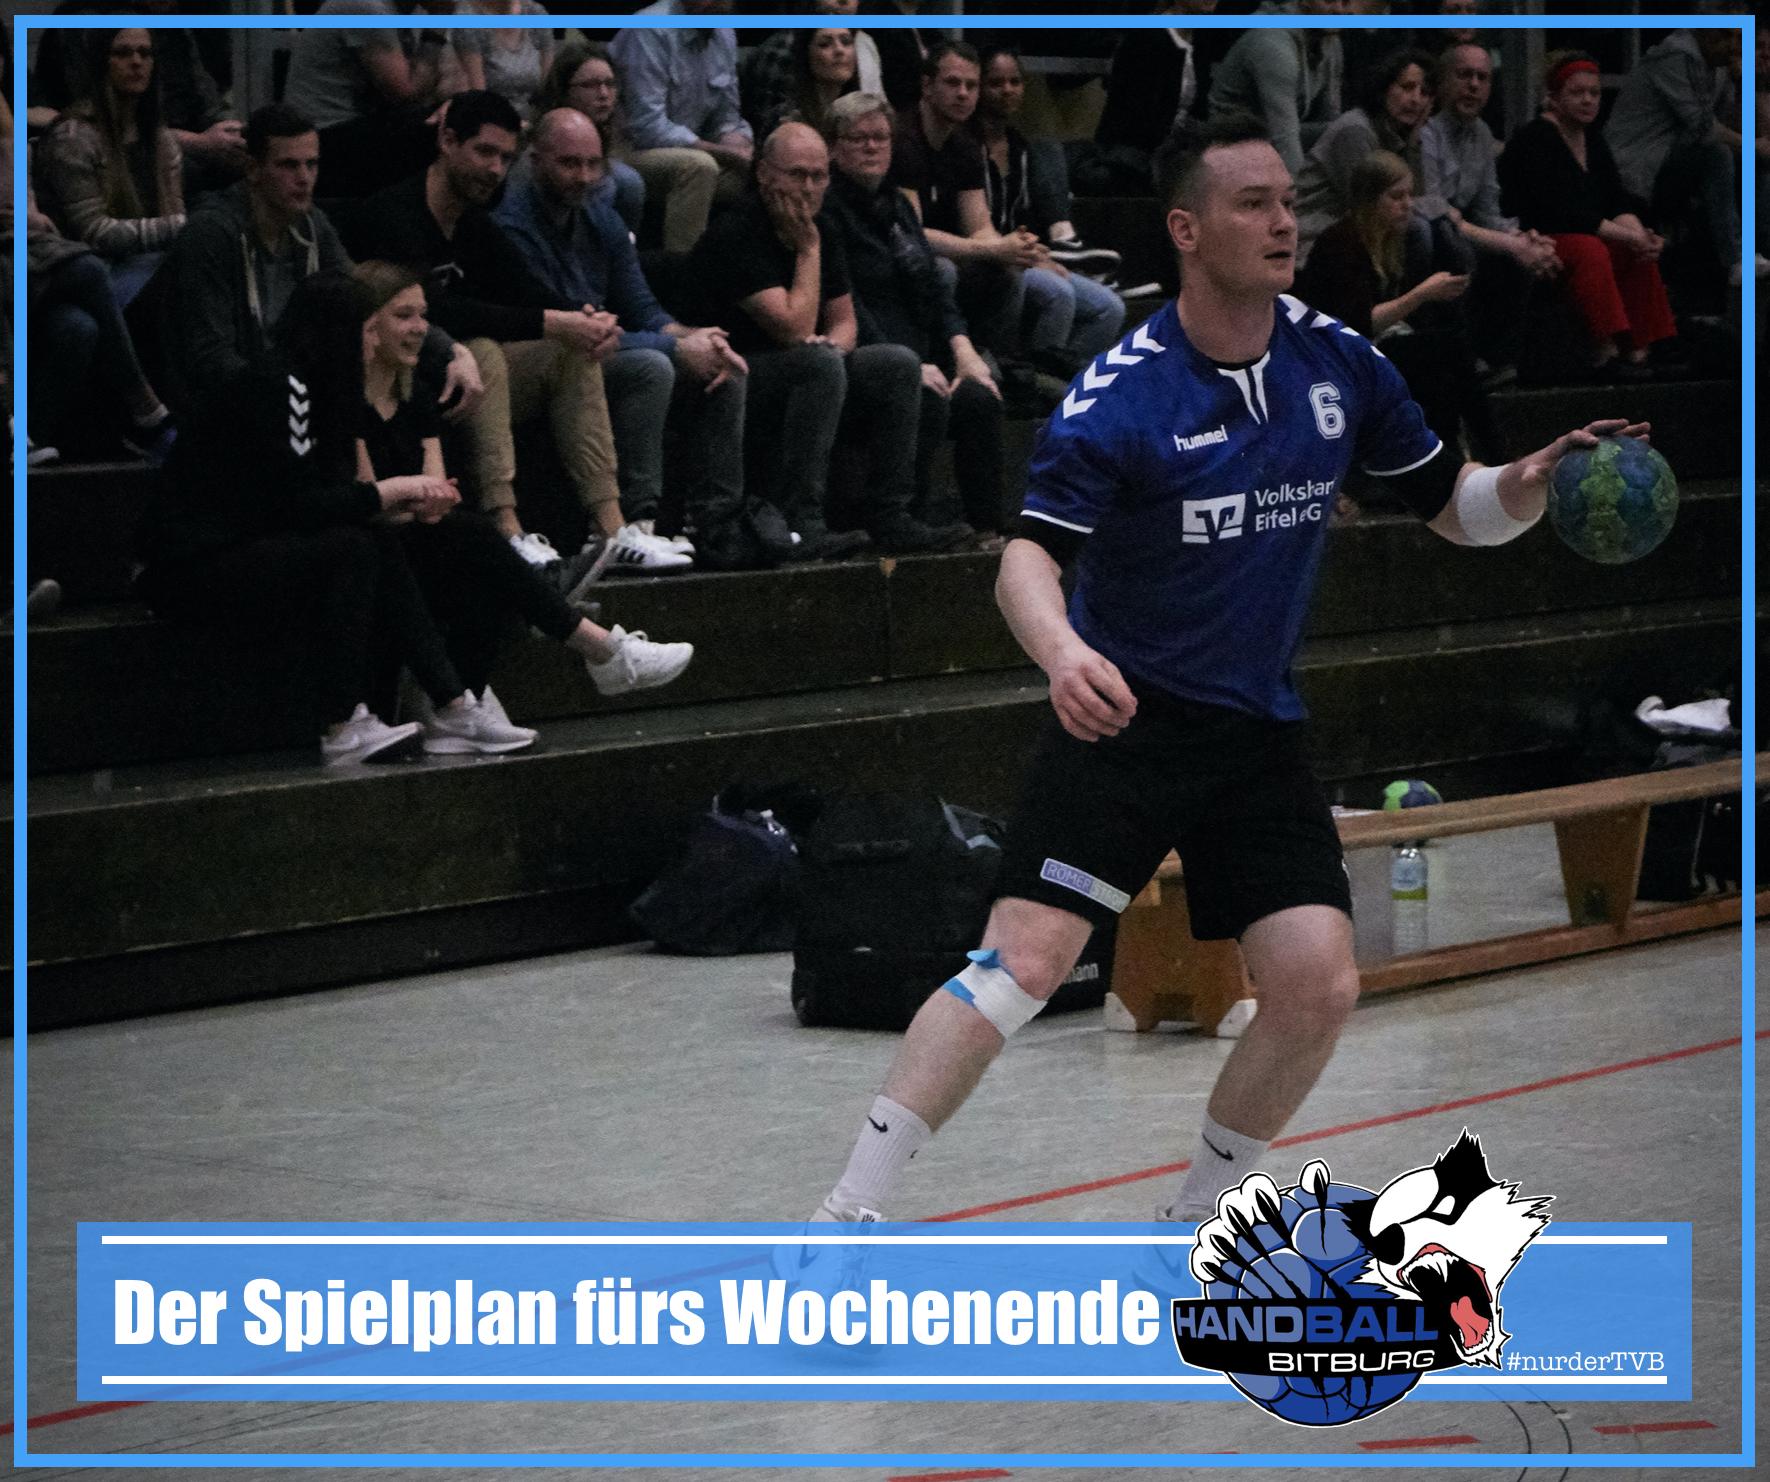 Endlich wieder Handball – Spielplan und Vorberichte zum Wochenende